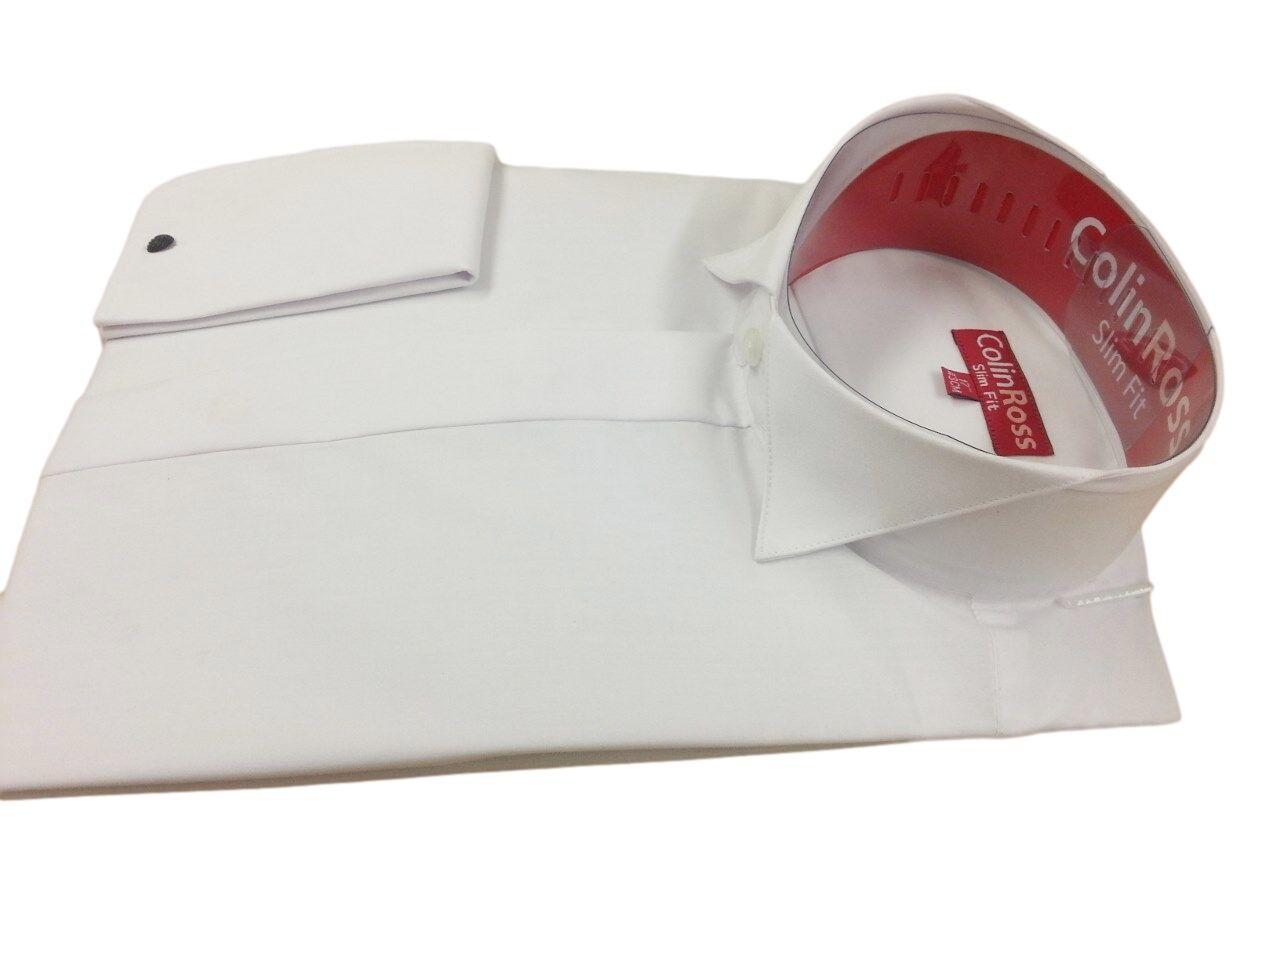 Weiß Downtown Abbey Edwardianisch flügel-kragen-hemd Hochzeit prom14.5 prom14.5 prom14.5 -23 NWT   Angemessener Preis    Das hochwertigste Material  4c48a0